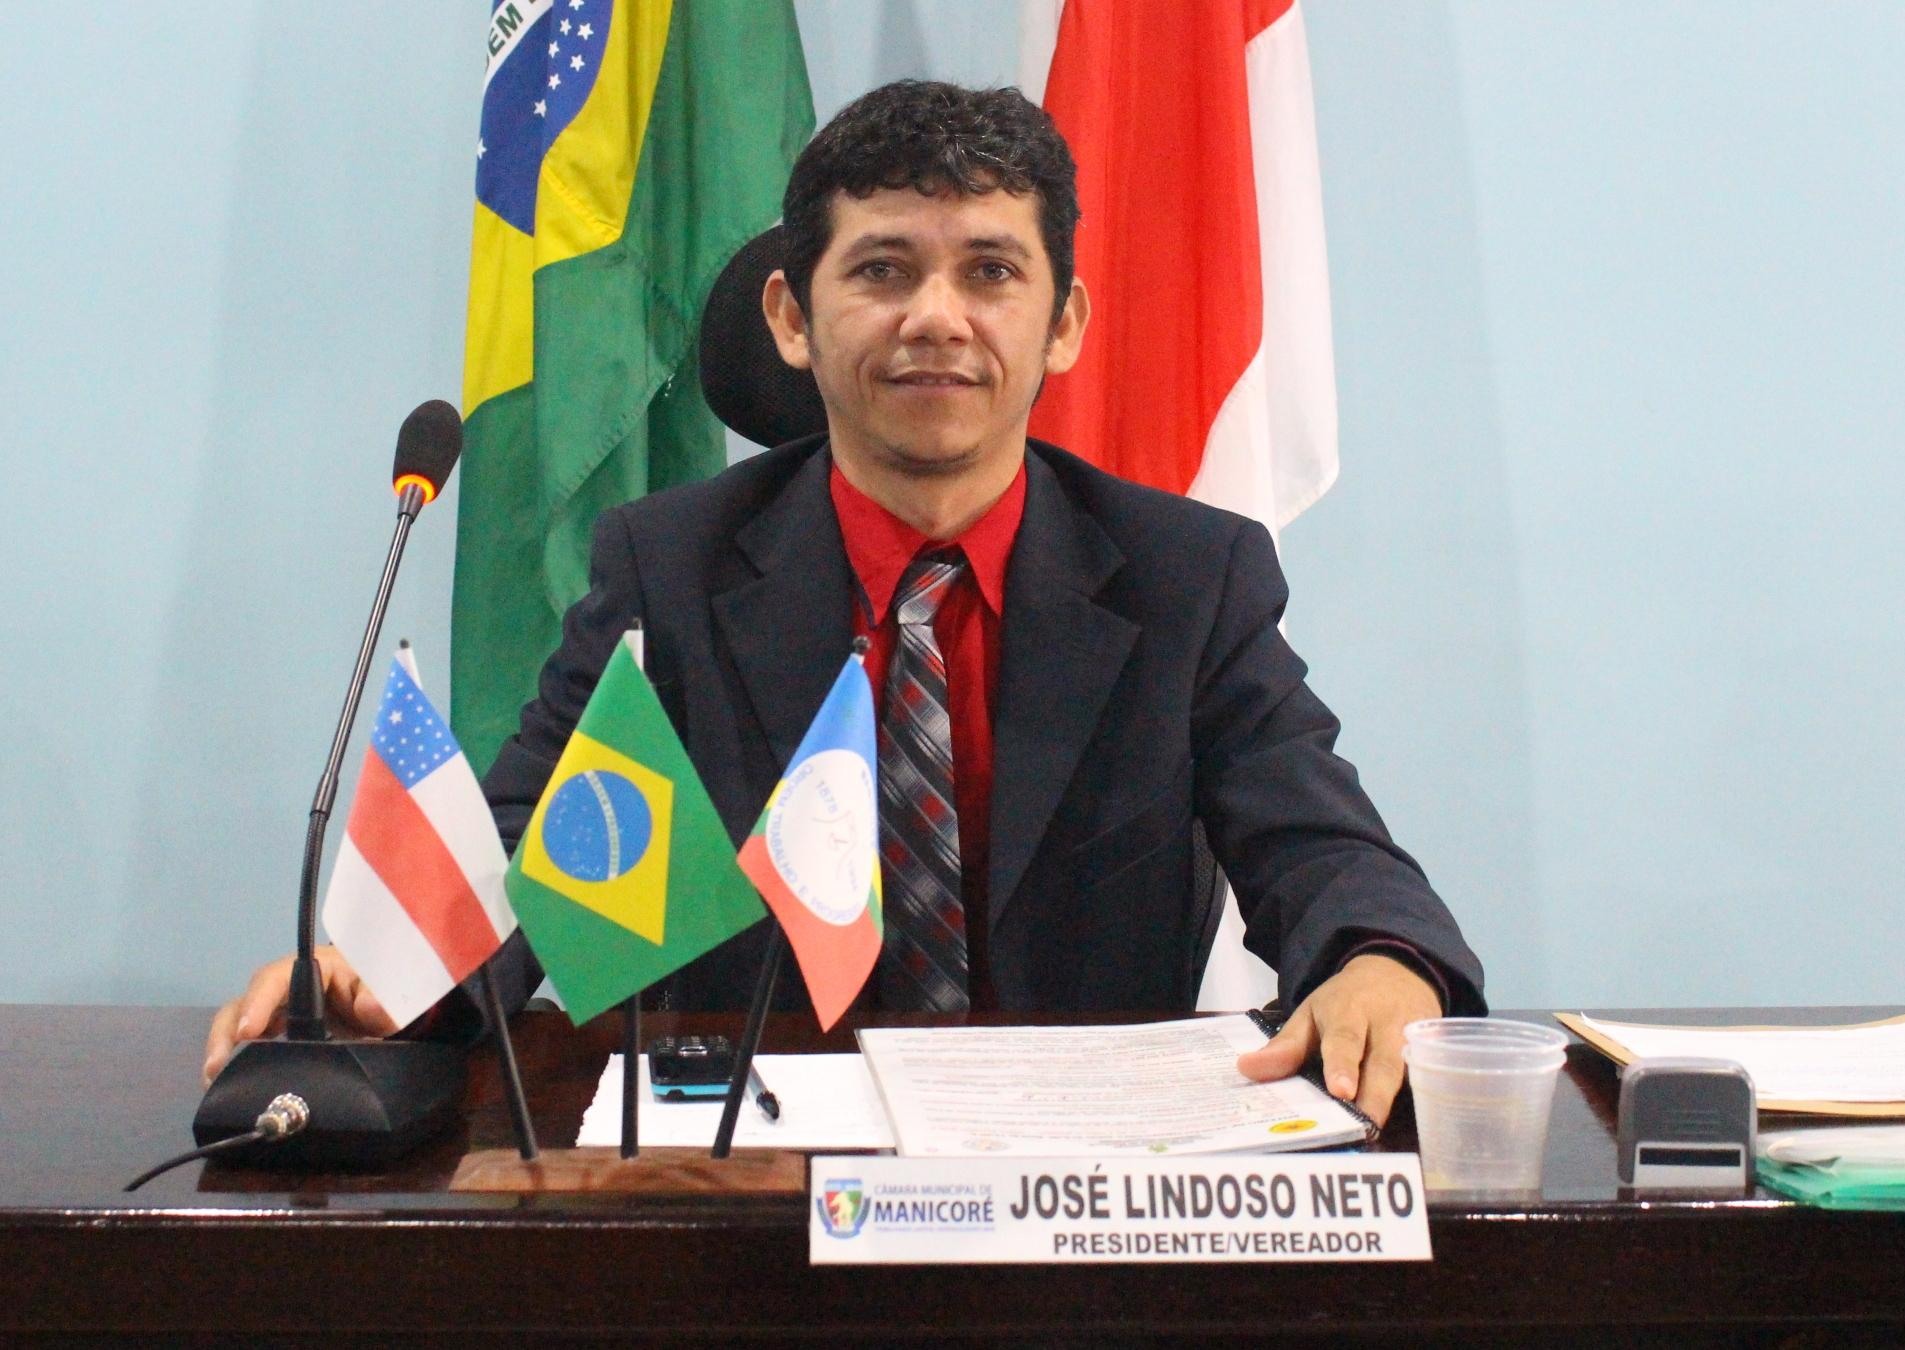 Presidente da Câmara comunica exercício financeiro do ano de 2016 do Municipio de Manicoré